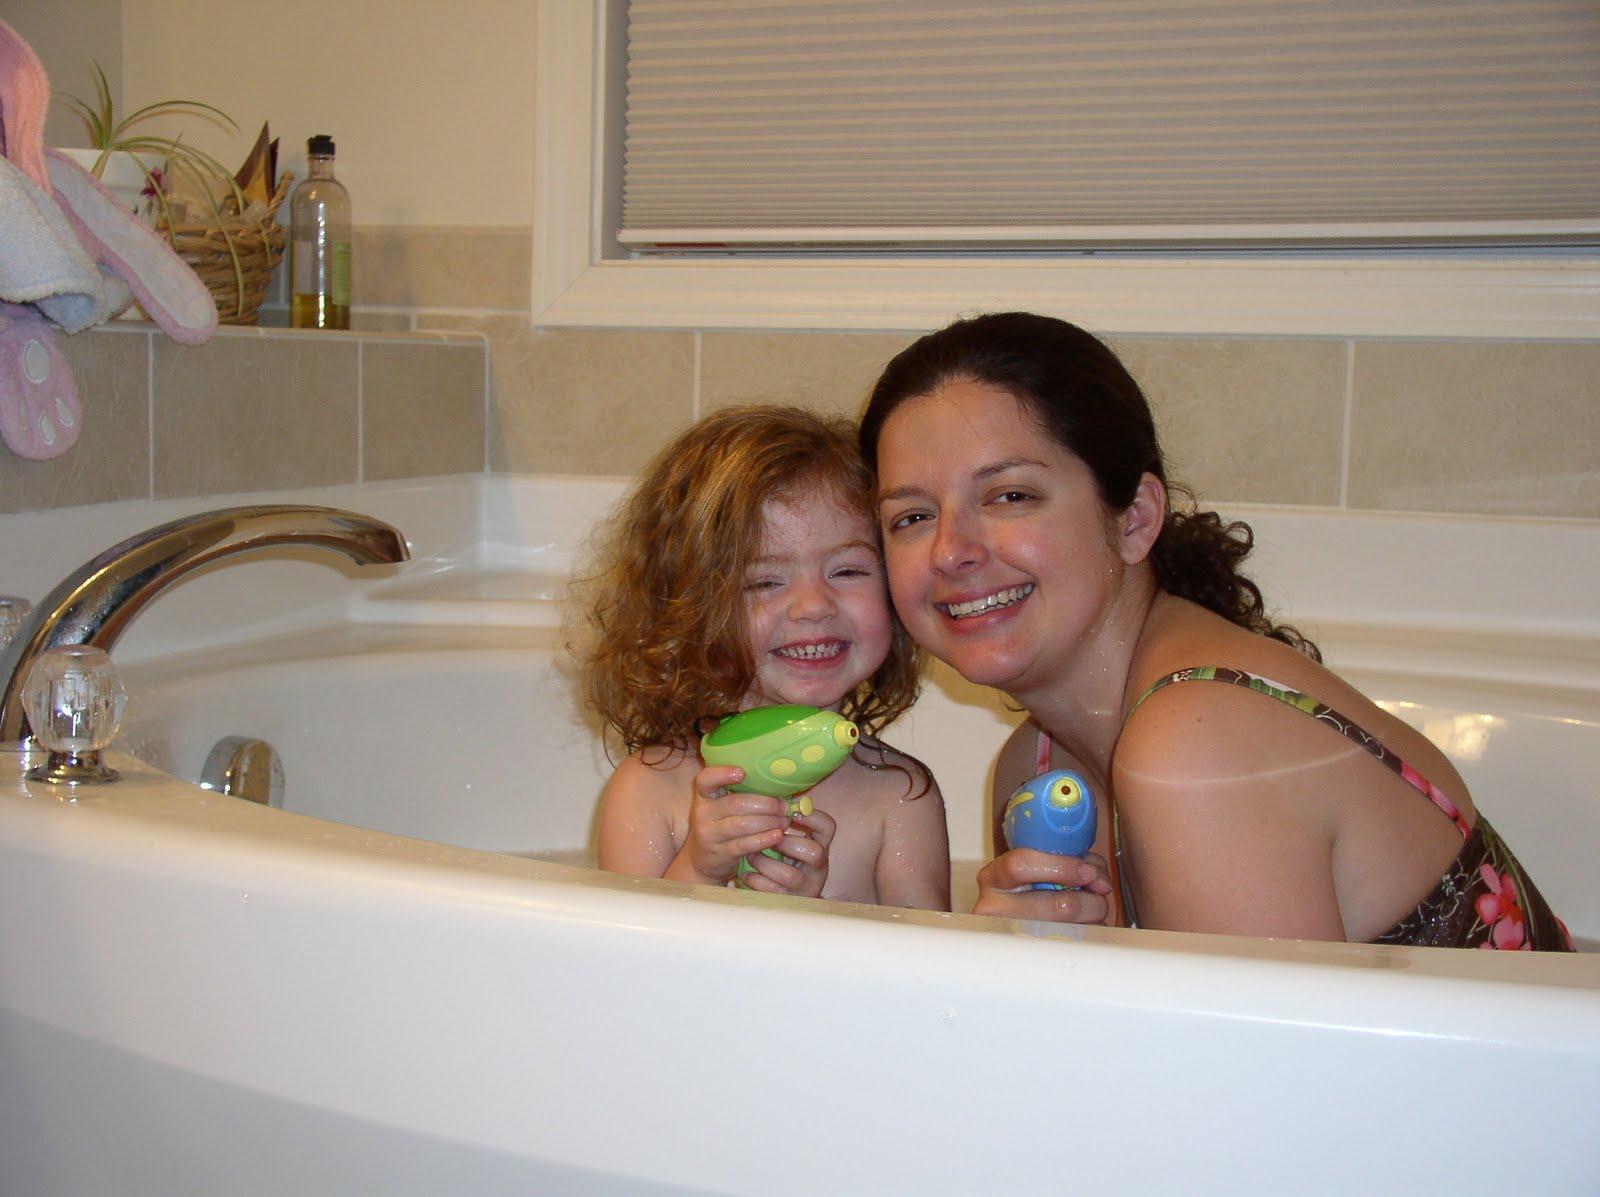 The Costa Corner: Family Bath Fun